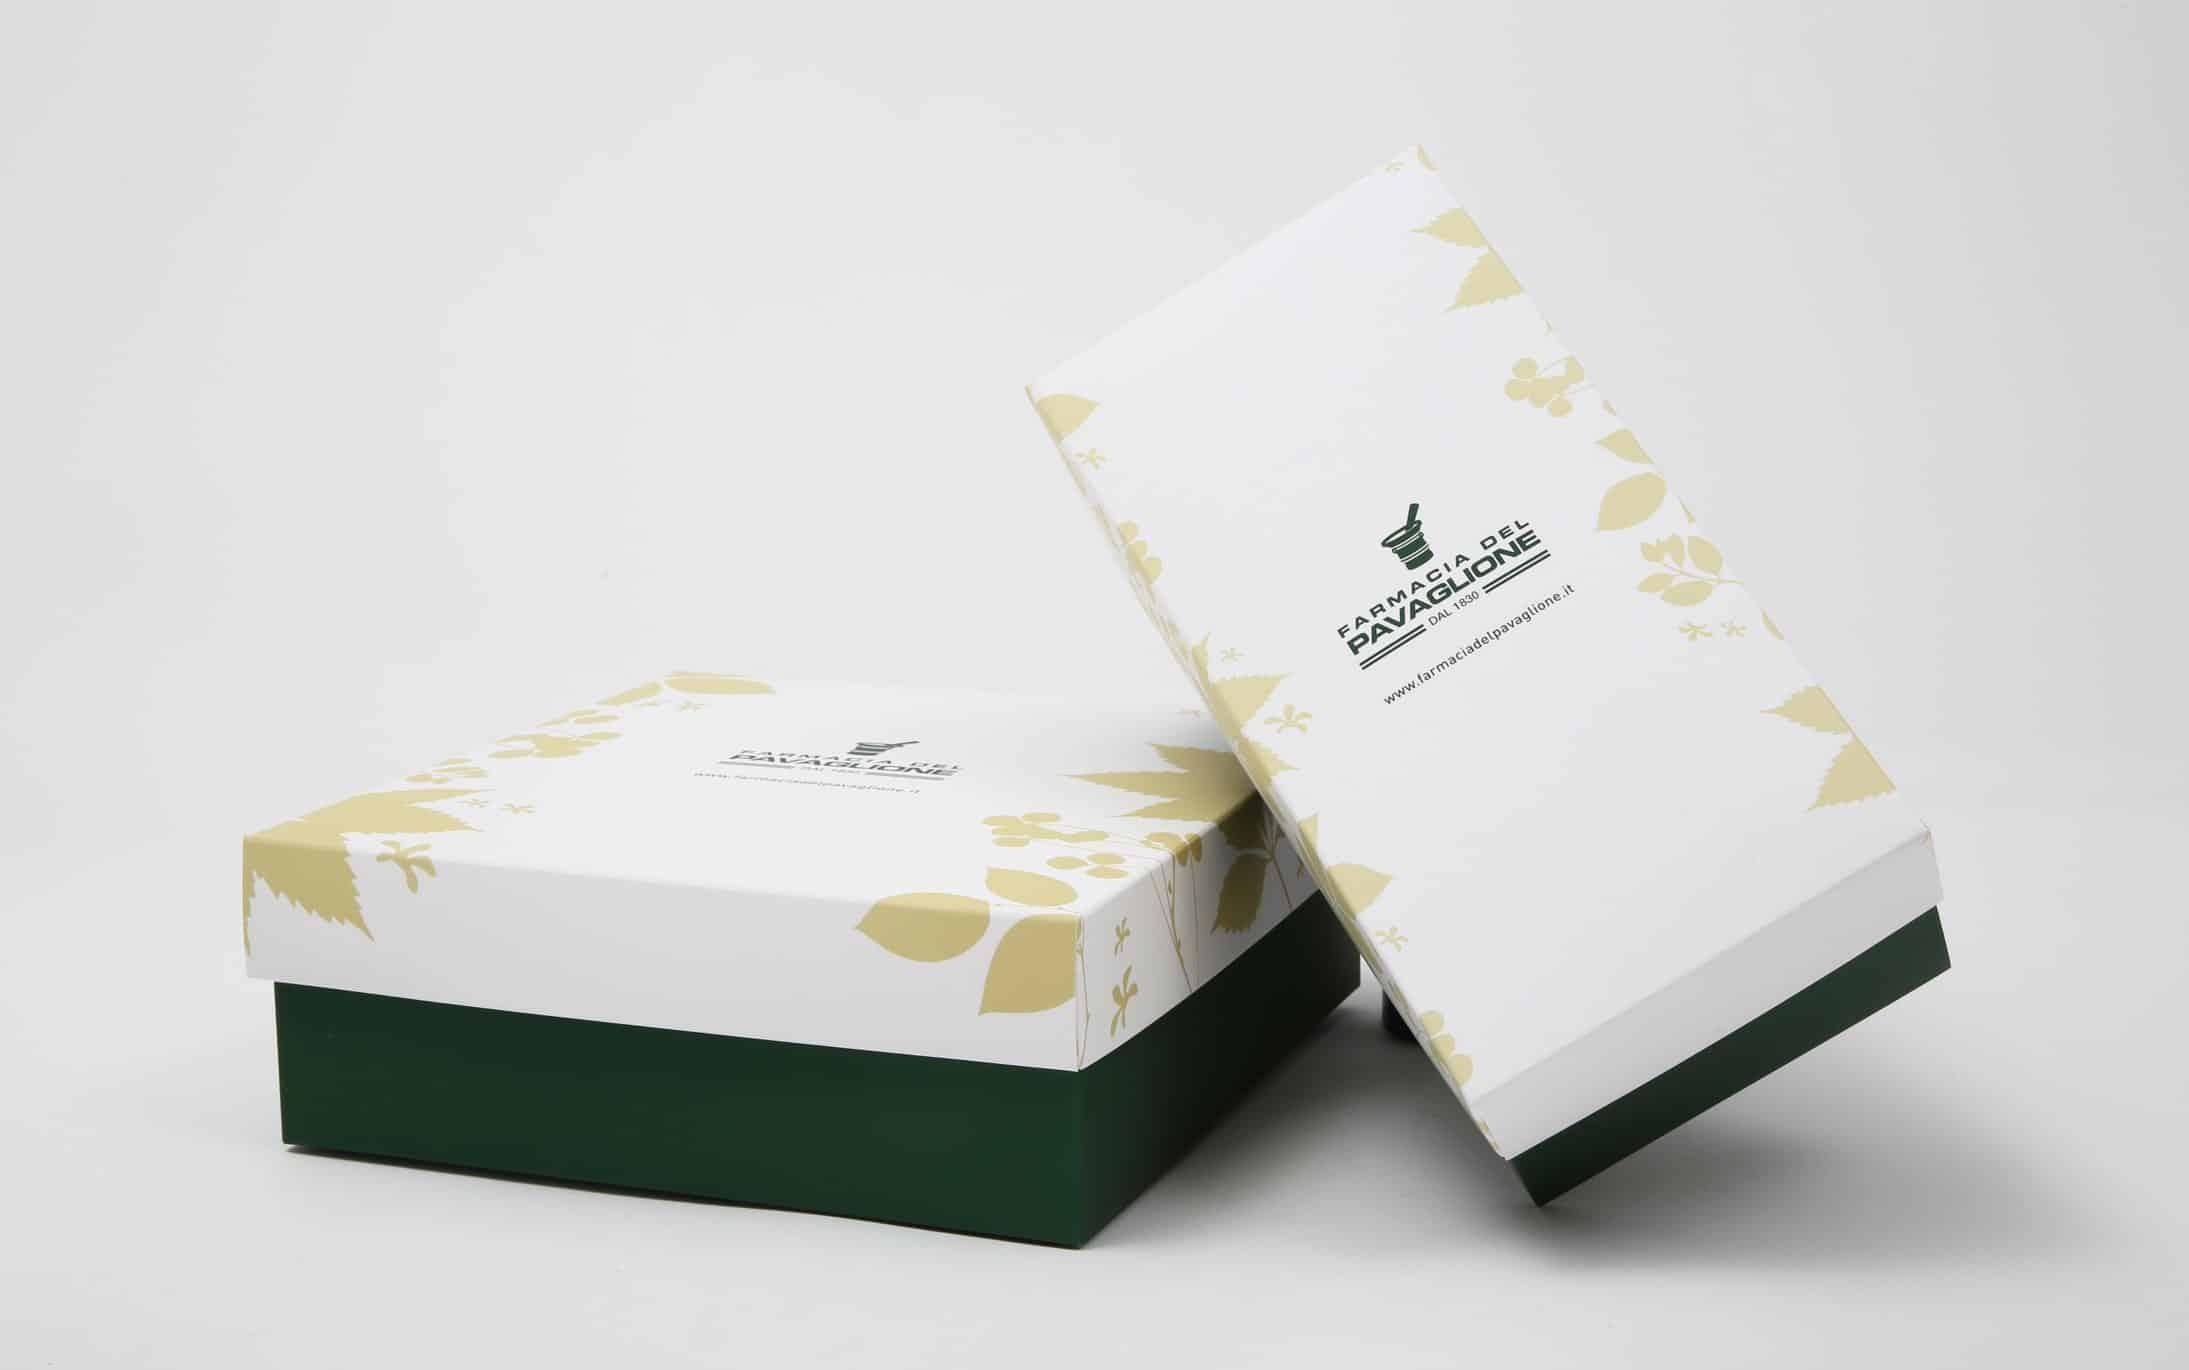 Farmacia del Pavaglione, doppia confezione. Tipografia Unione, packaging, Vicenza.